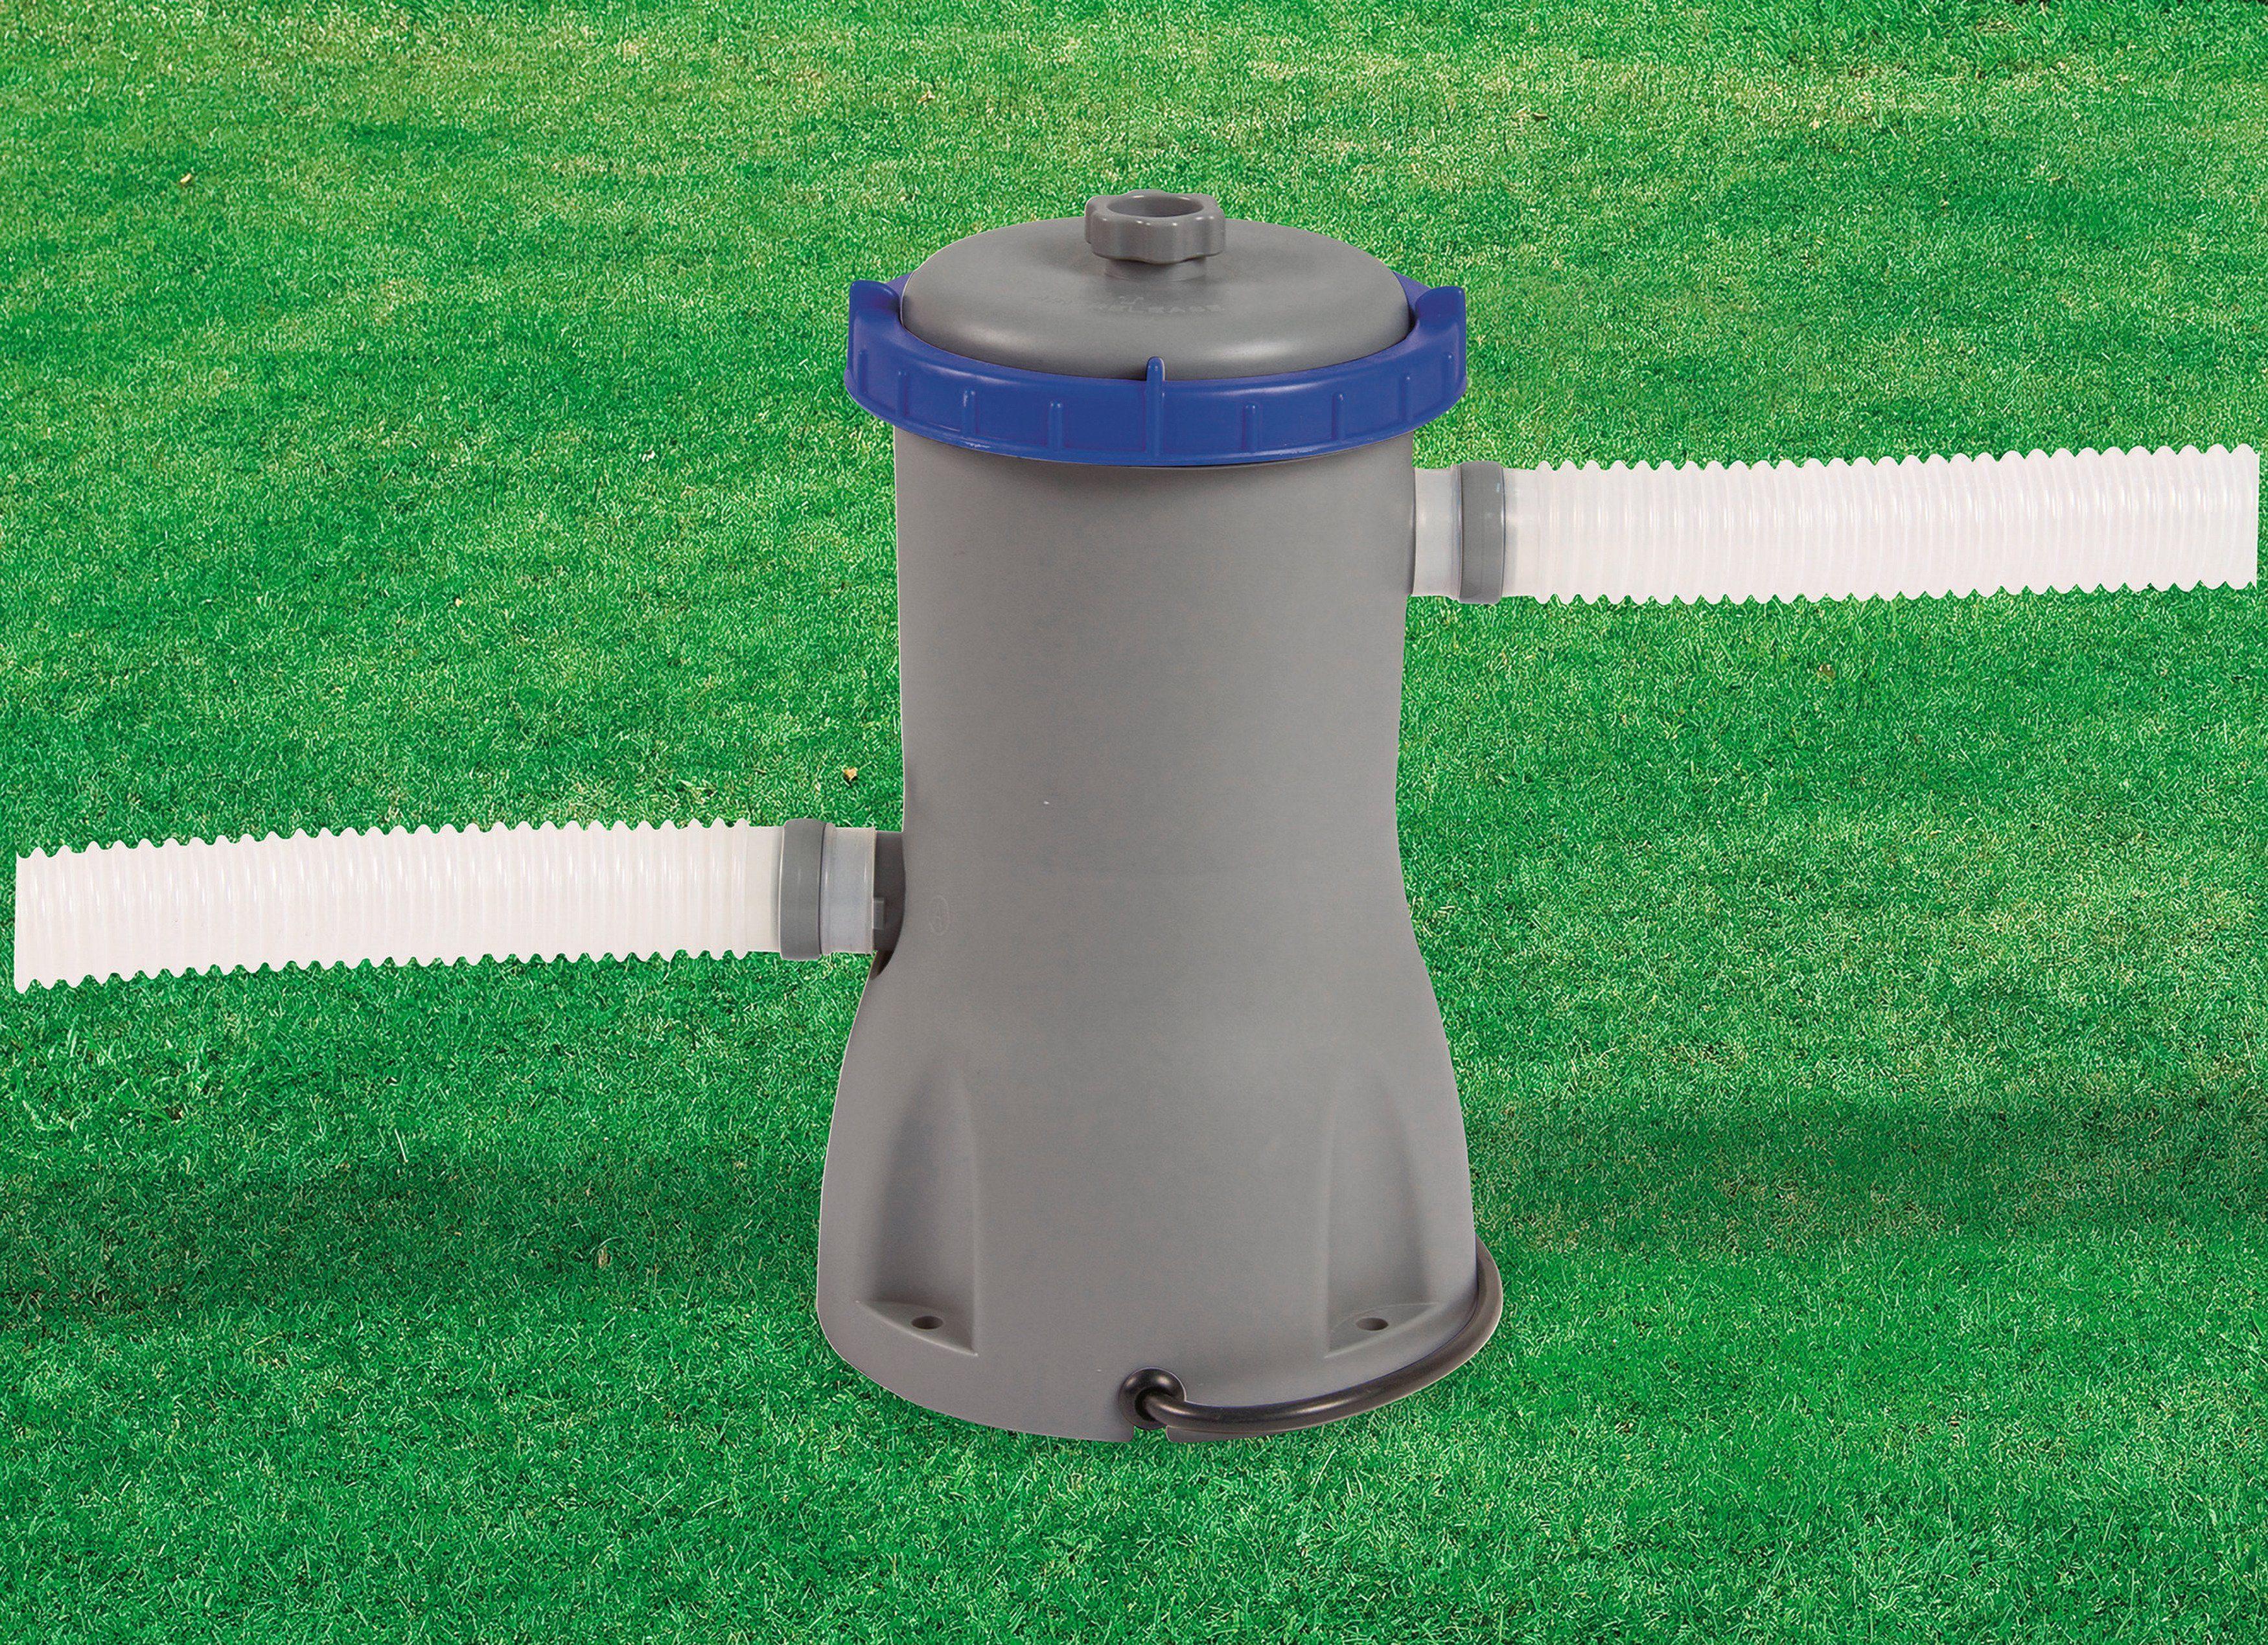 Bestway Filterpumpe »Flowclear Filterpumpe 3028 l/h«